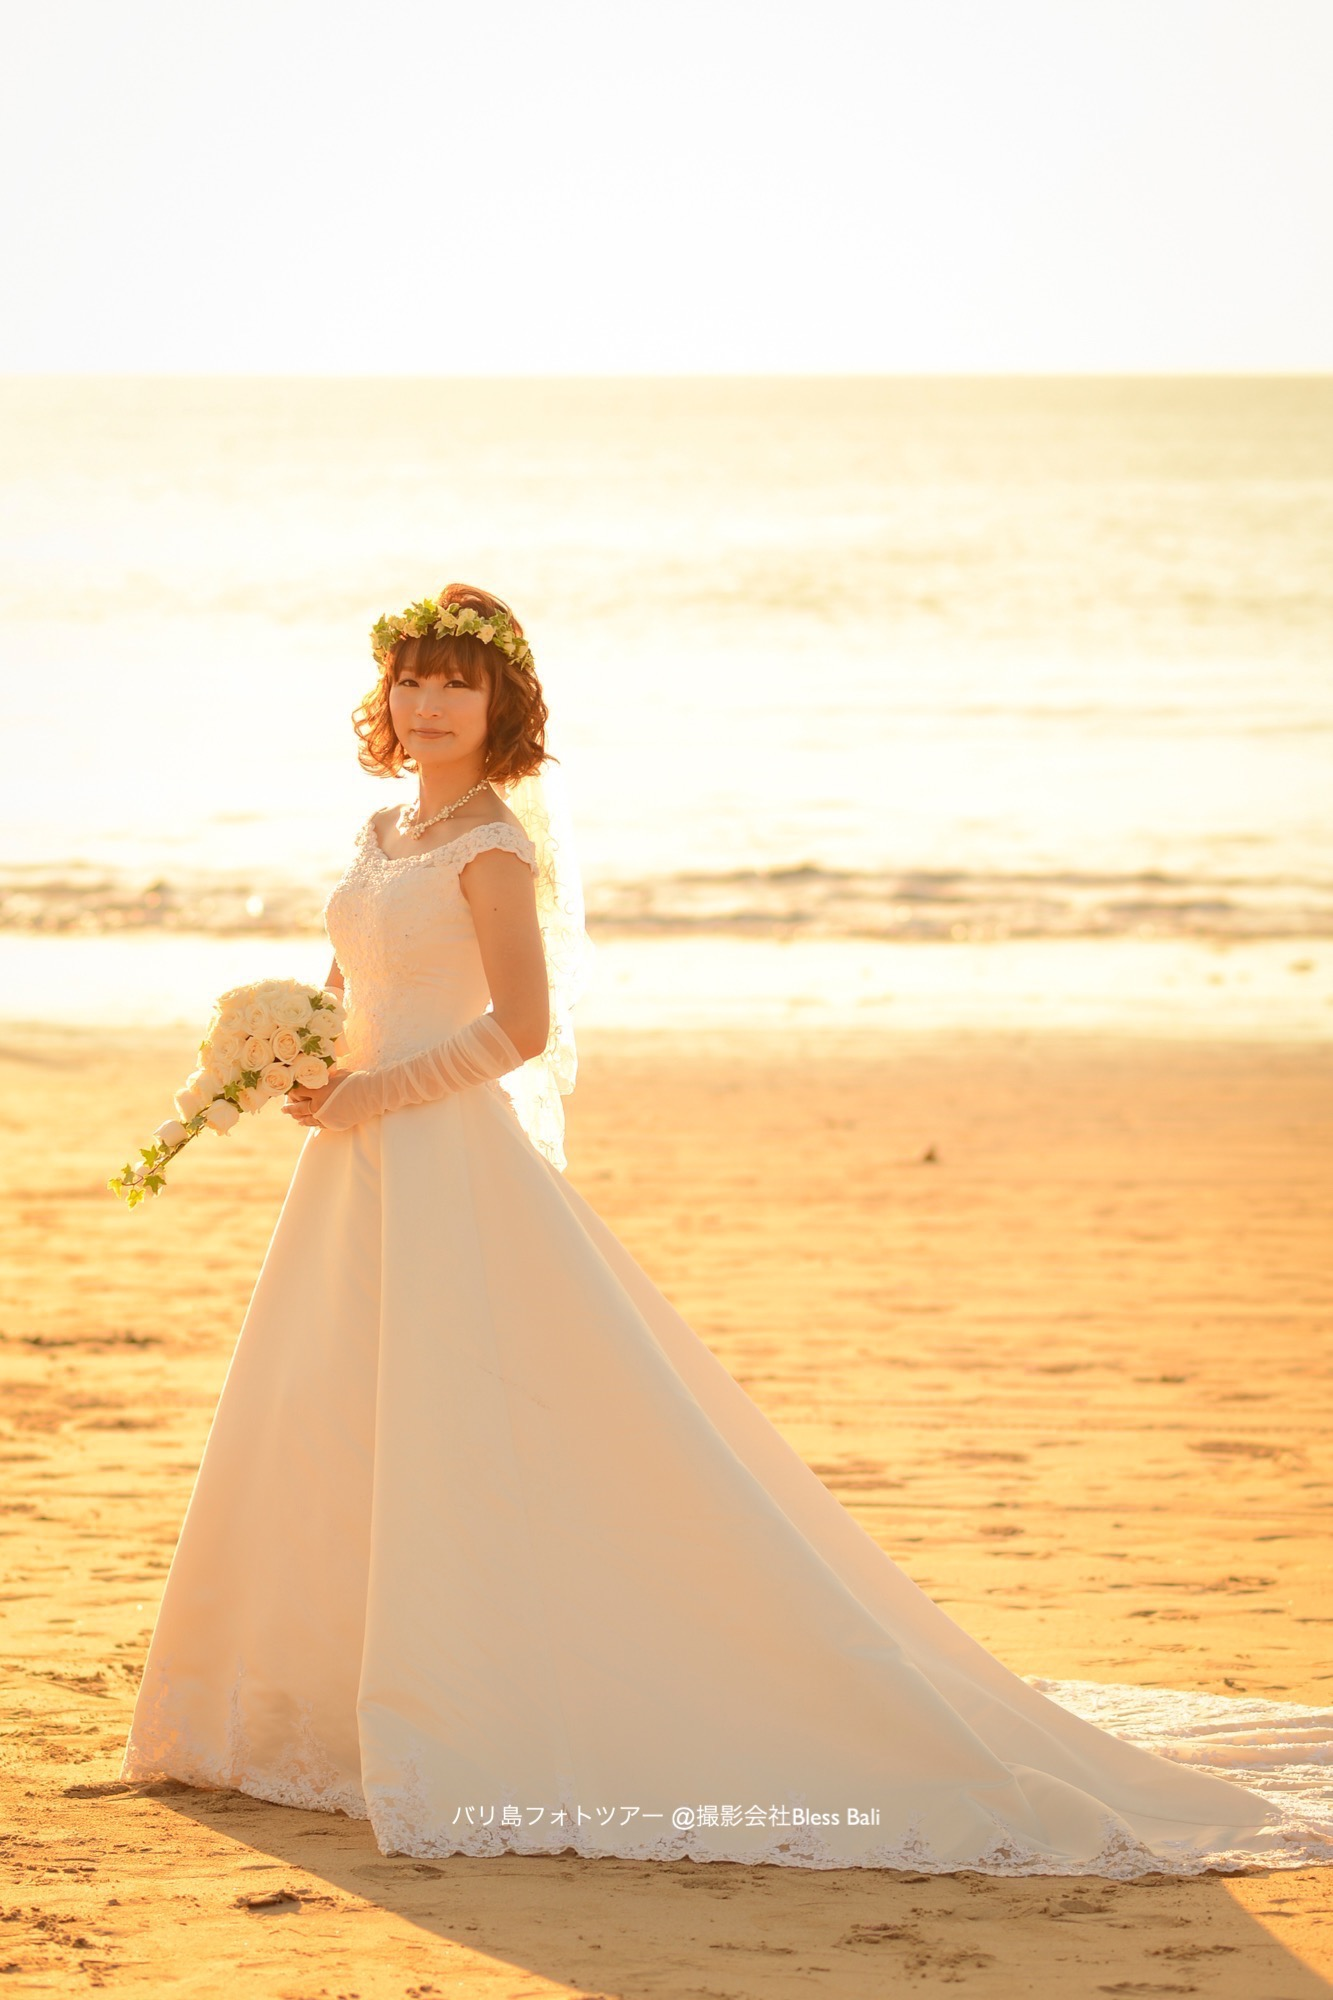 バリ島サンセットの中に立つ花嫁様